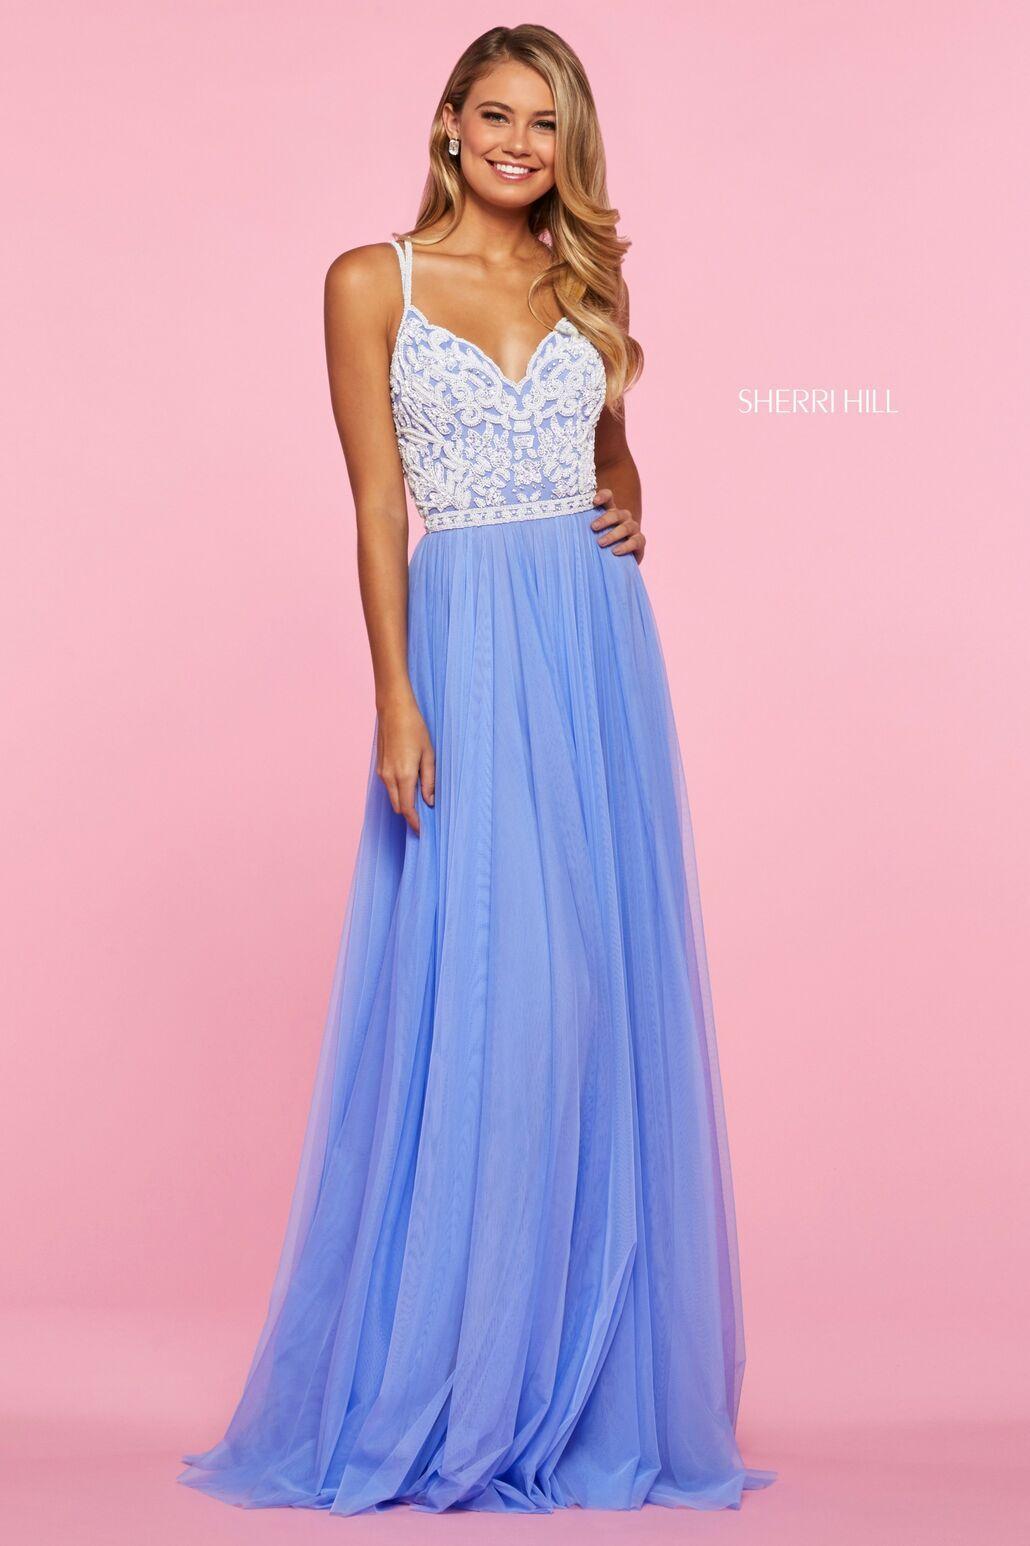 Sherri Hill 53556 Sherri Hill Dresses Periwinkle Prom Dress Sherri Hill Prom Dresses [ 1546 x 1030 Pixel ]